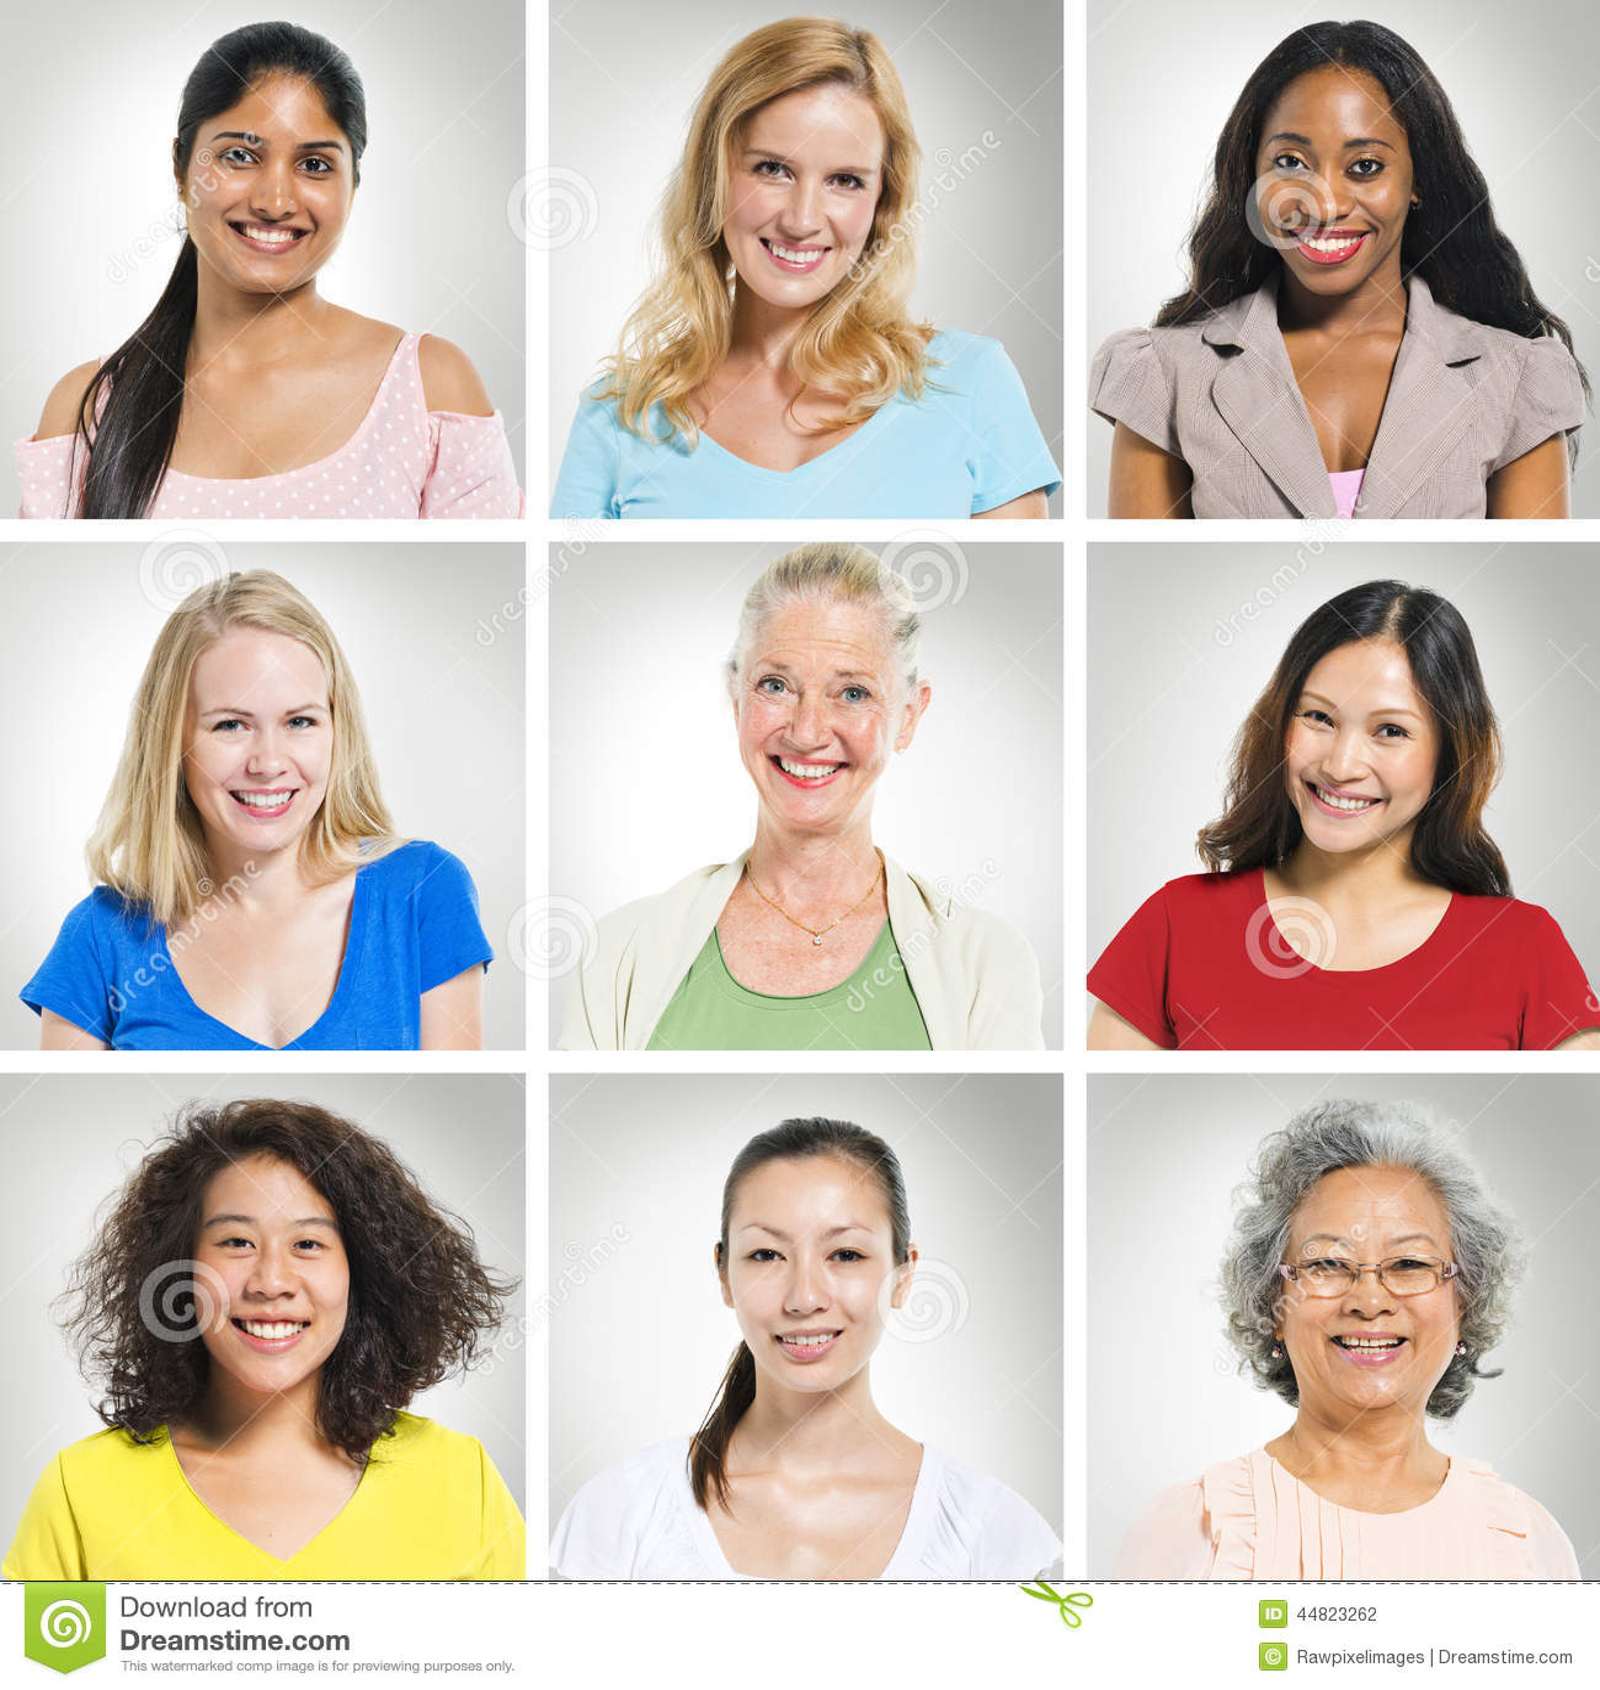 Πολυ-Ethnics πρόσωπο ανθρώπων s σε έναν υπόλοιπο κόσμο